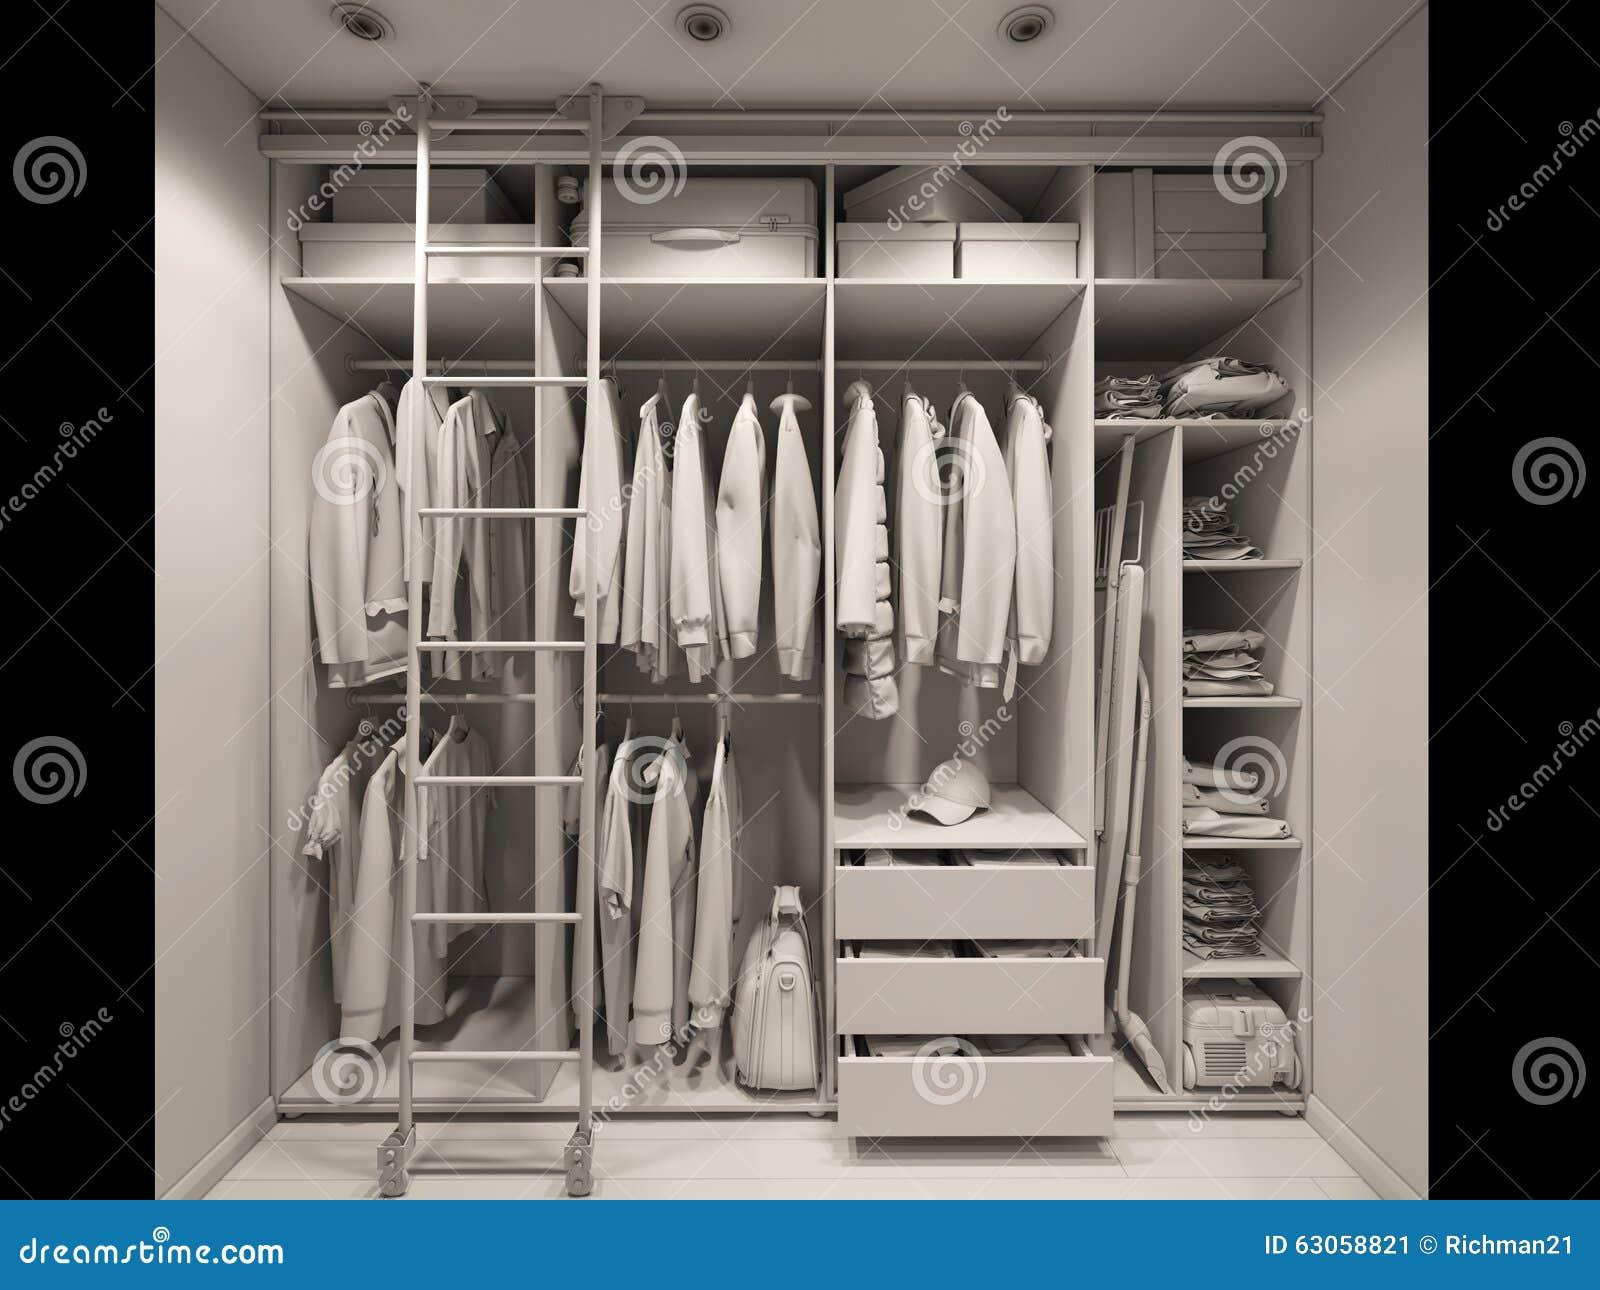 3d Illustration Of The Wardrobe Room In Light Tones